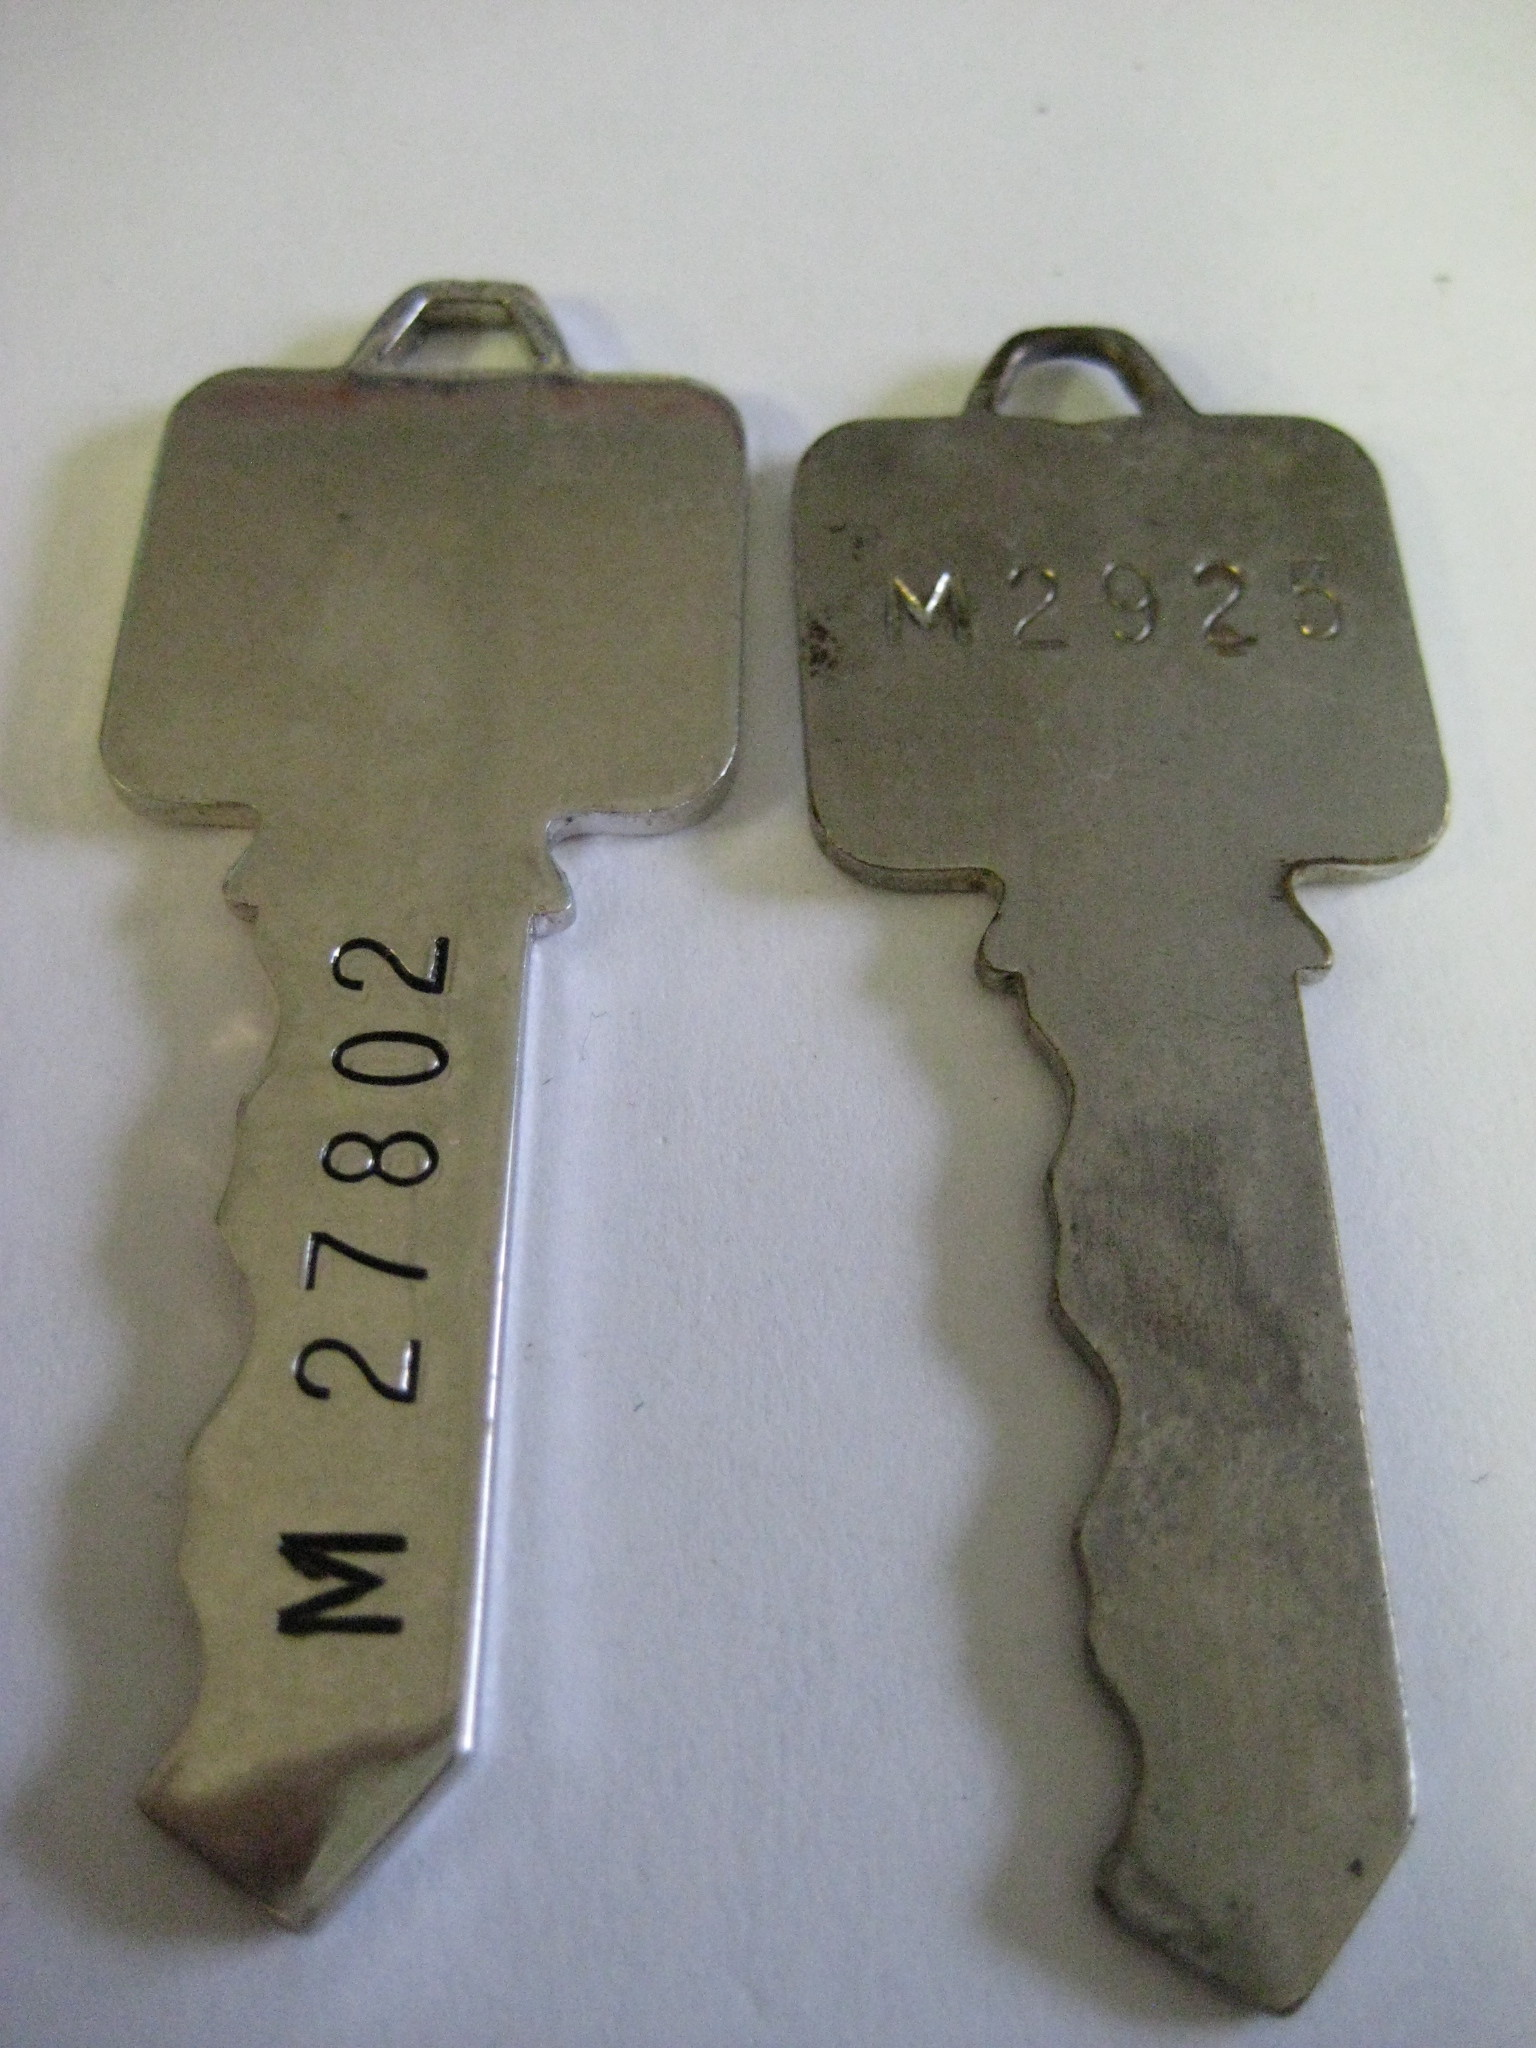 Cincinnati Ohio Playboy Club Keys